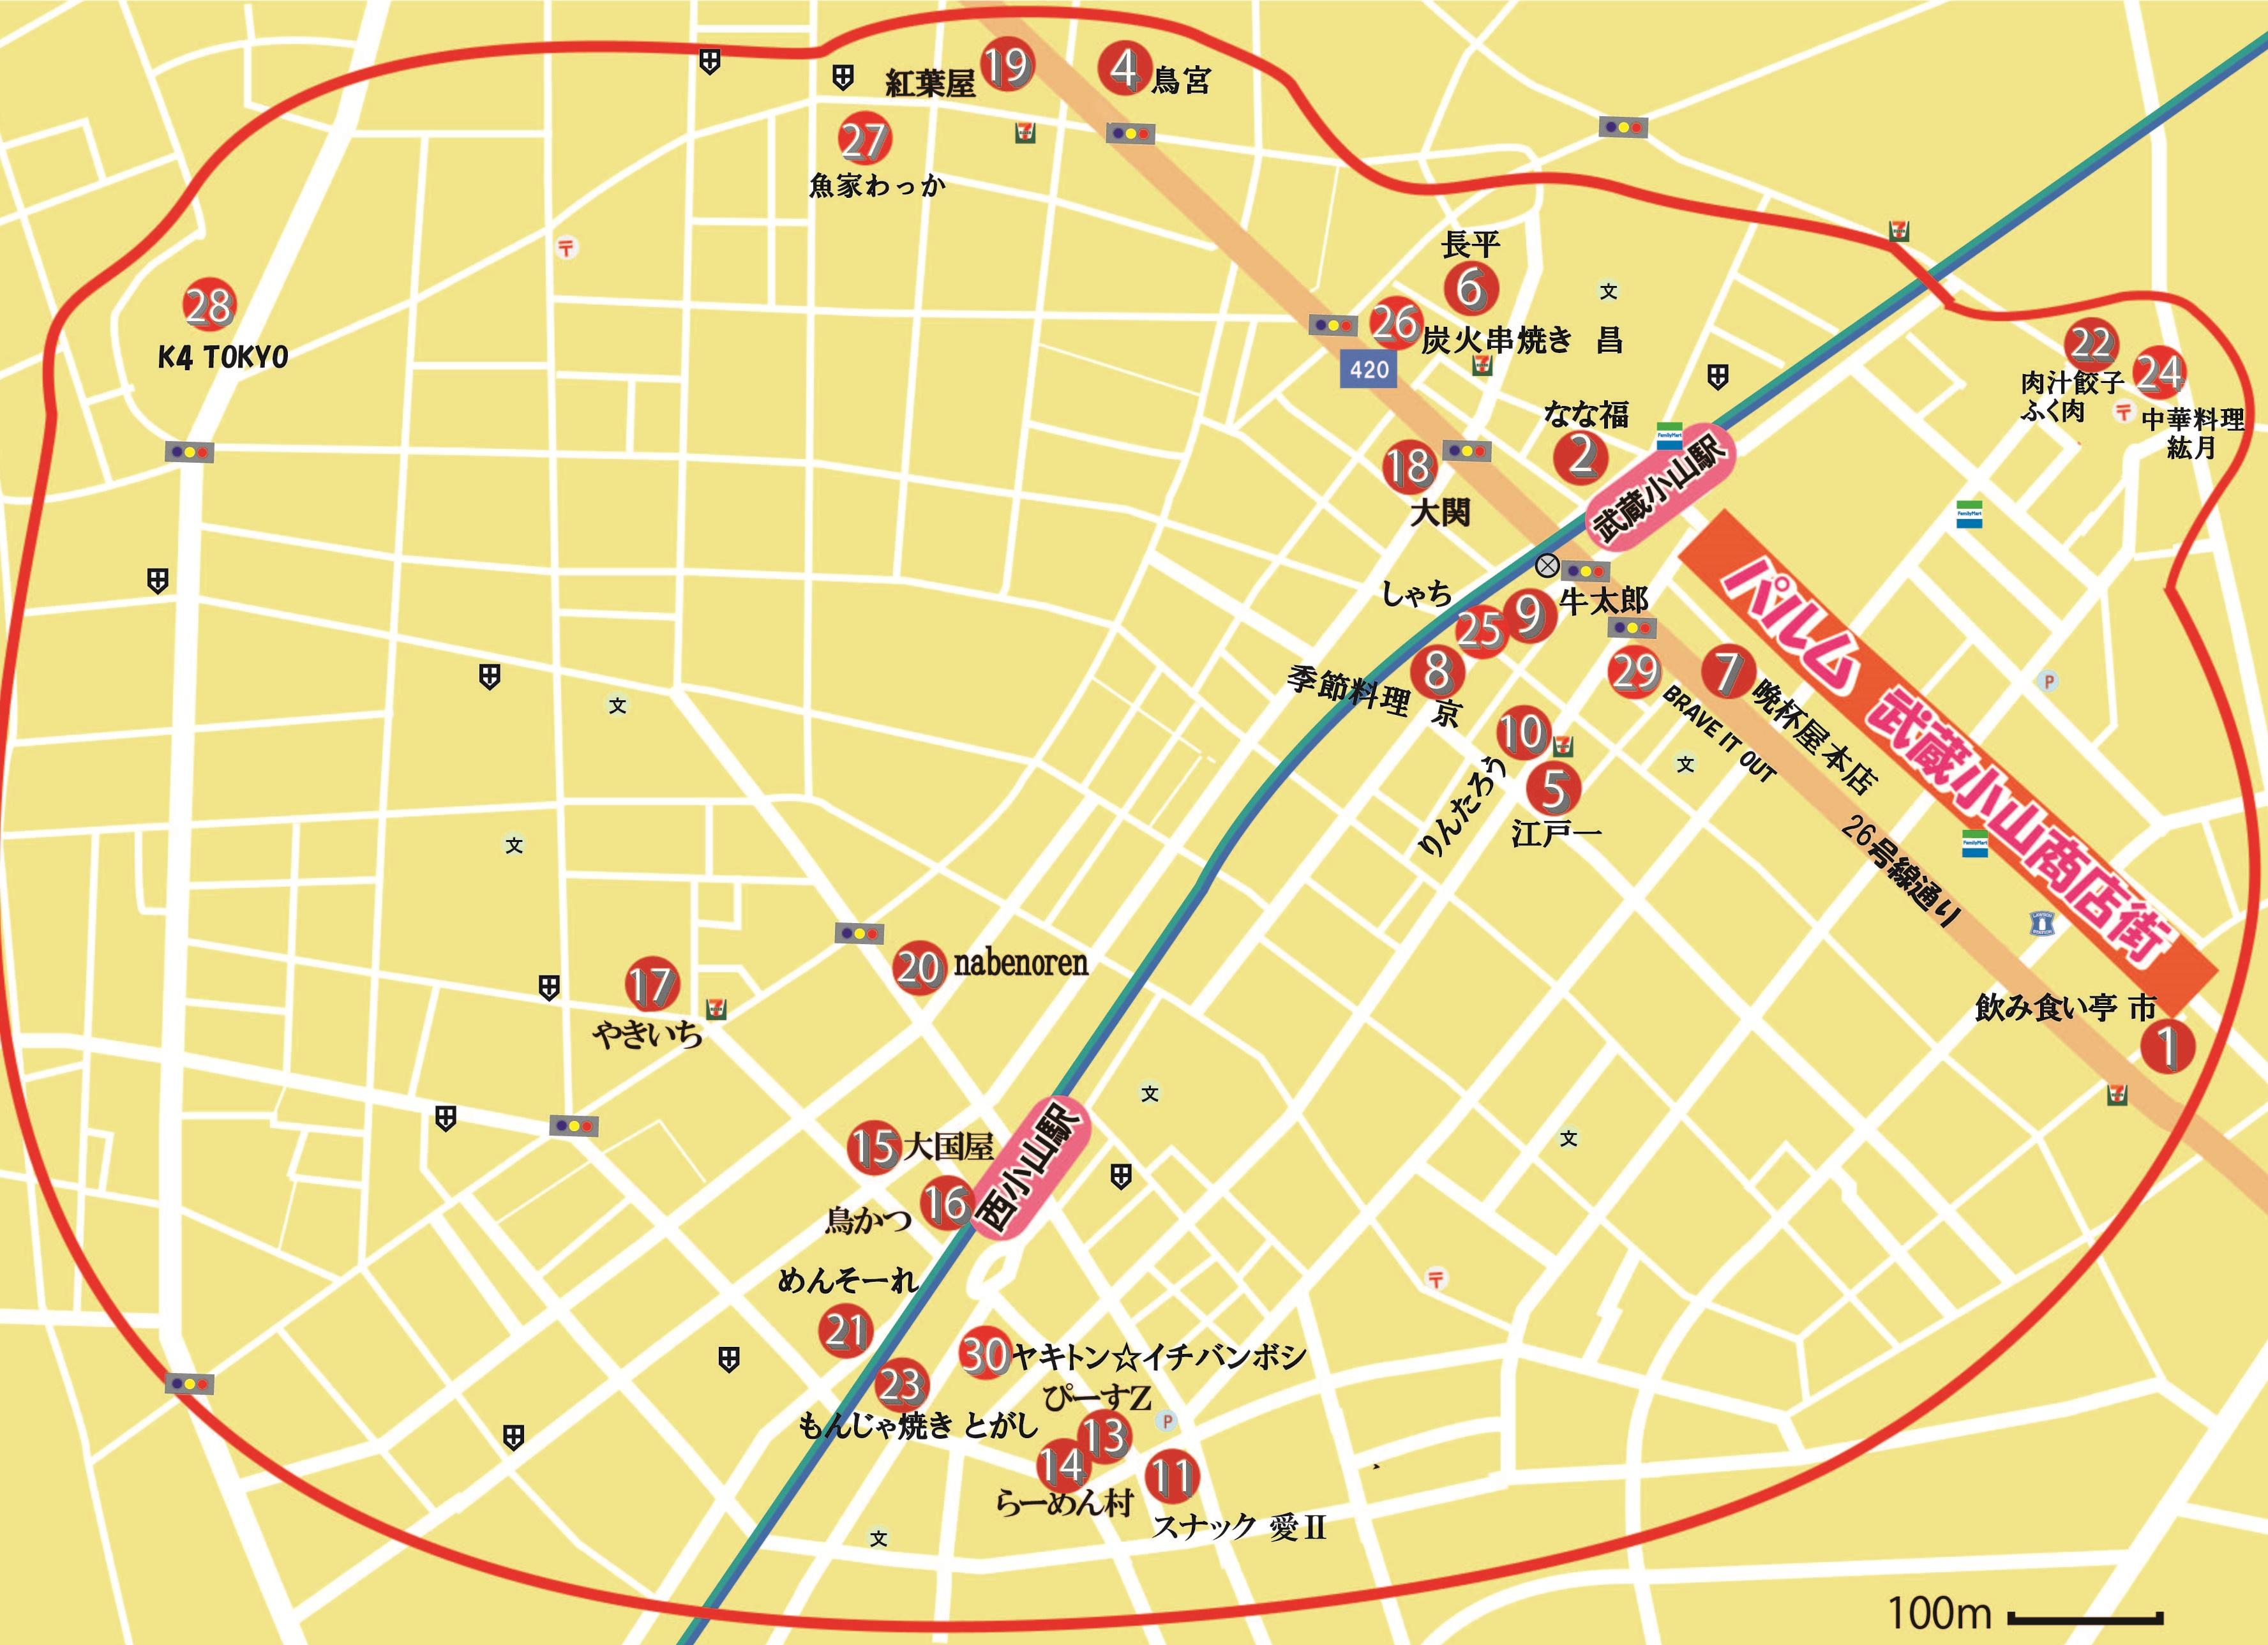 20190516_ハイサワー特区地図イベント参加店-01